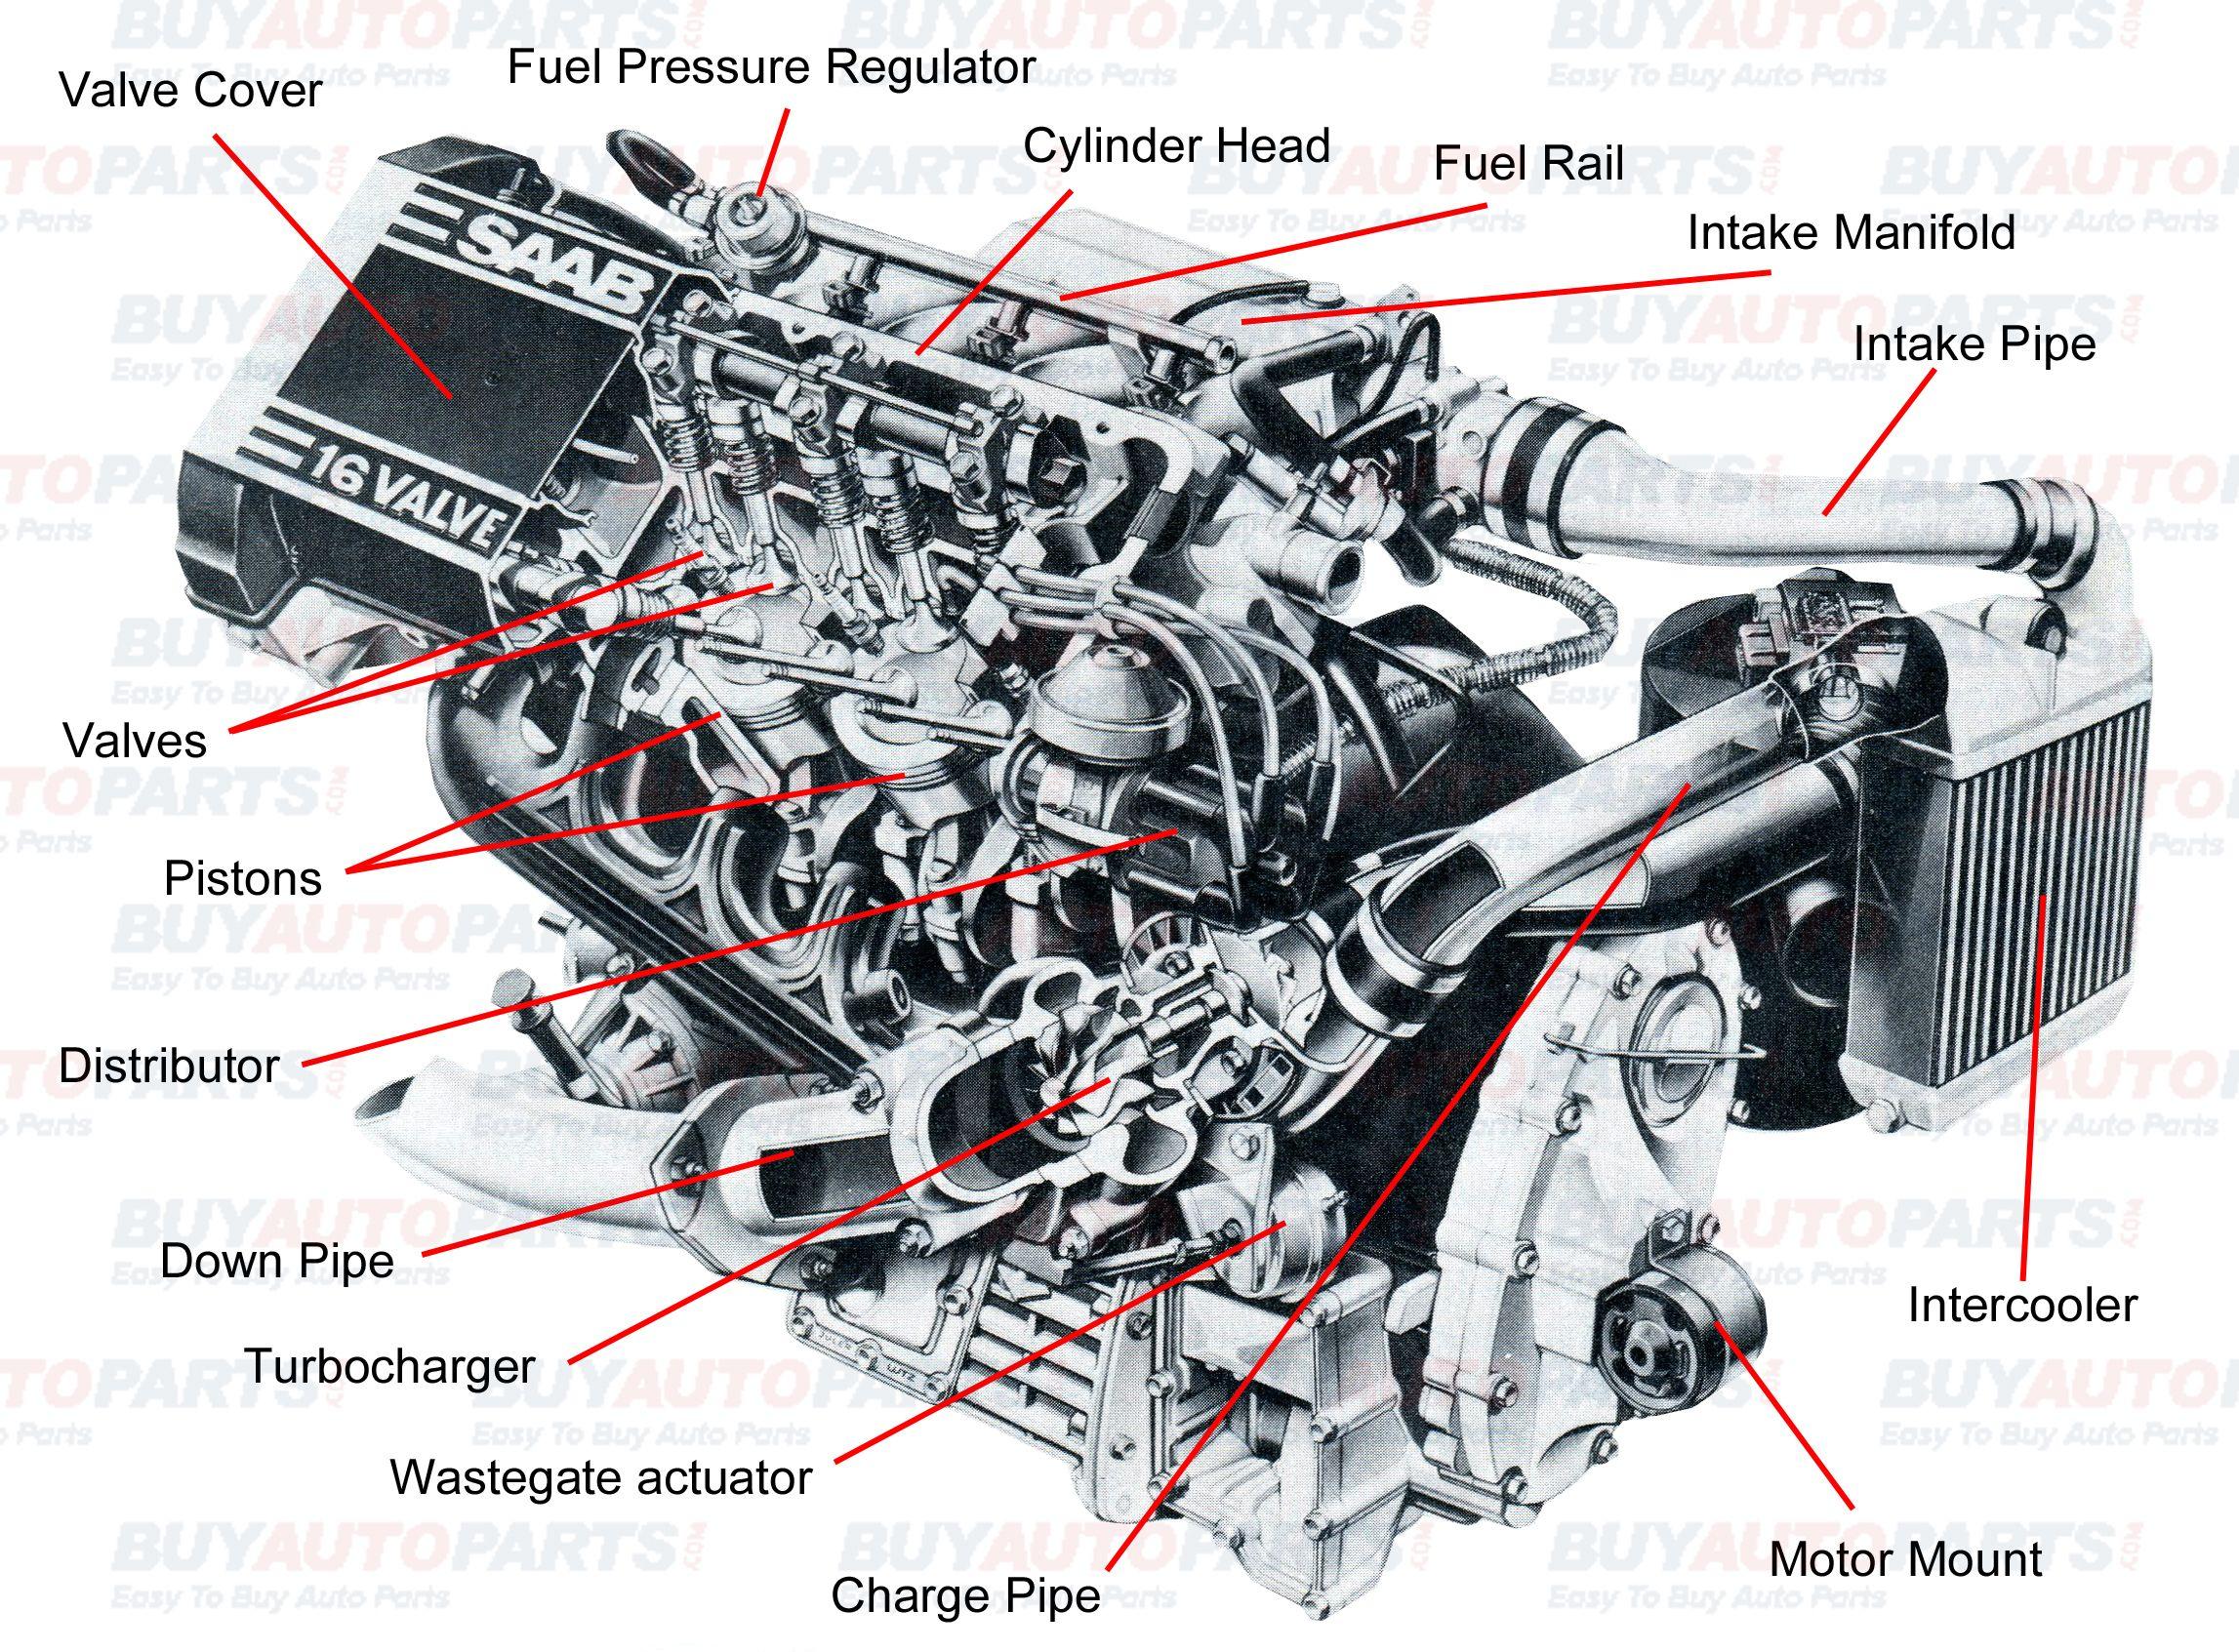 2003 audi a4 engine diagram iron carbon explanation pdf gmc yukon